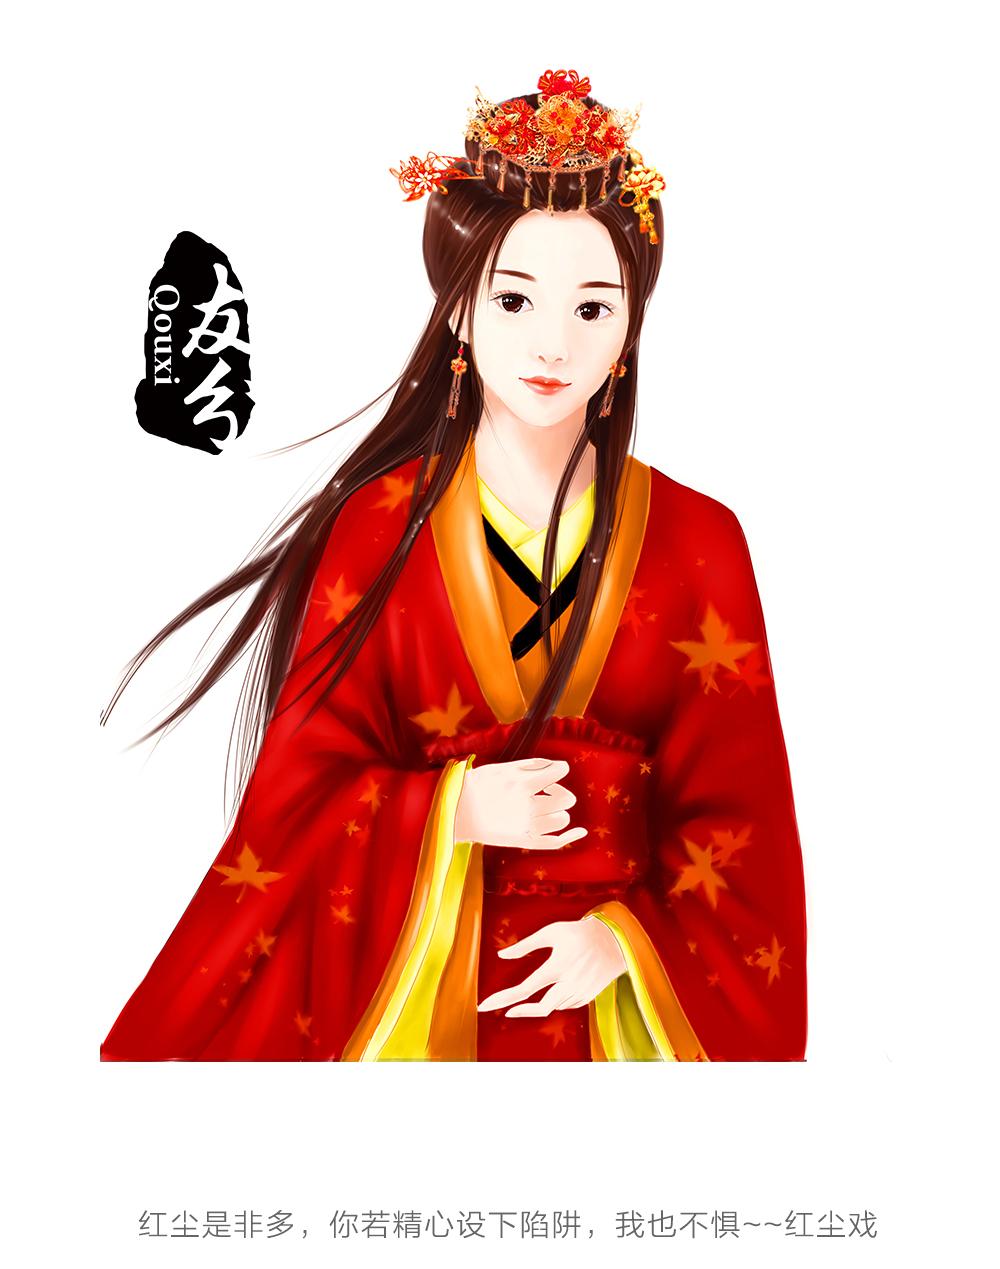 原创手绘古风红妆美女《红尘戏》——步灵